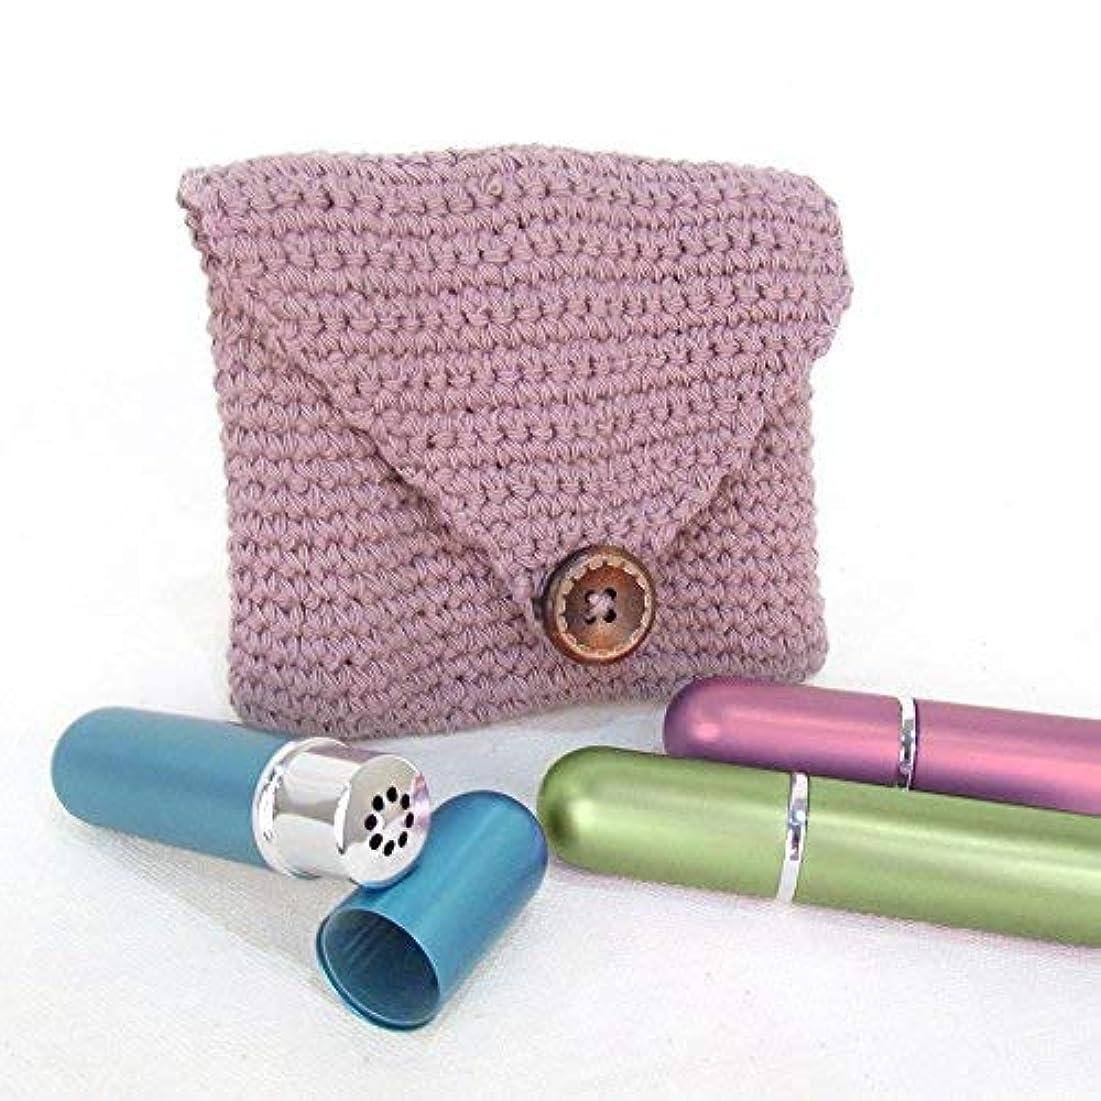 発症スワップエンドテーブルPurple Crochet Case and 3 Empty Essential Oil Aluminum and Glass Refillable Inhalers by Rivertree Life [並行輸入品]